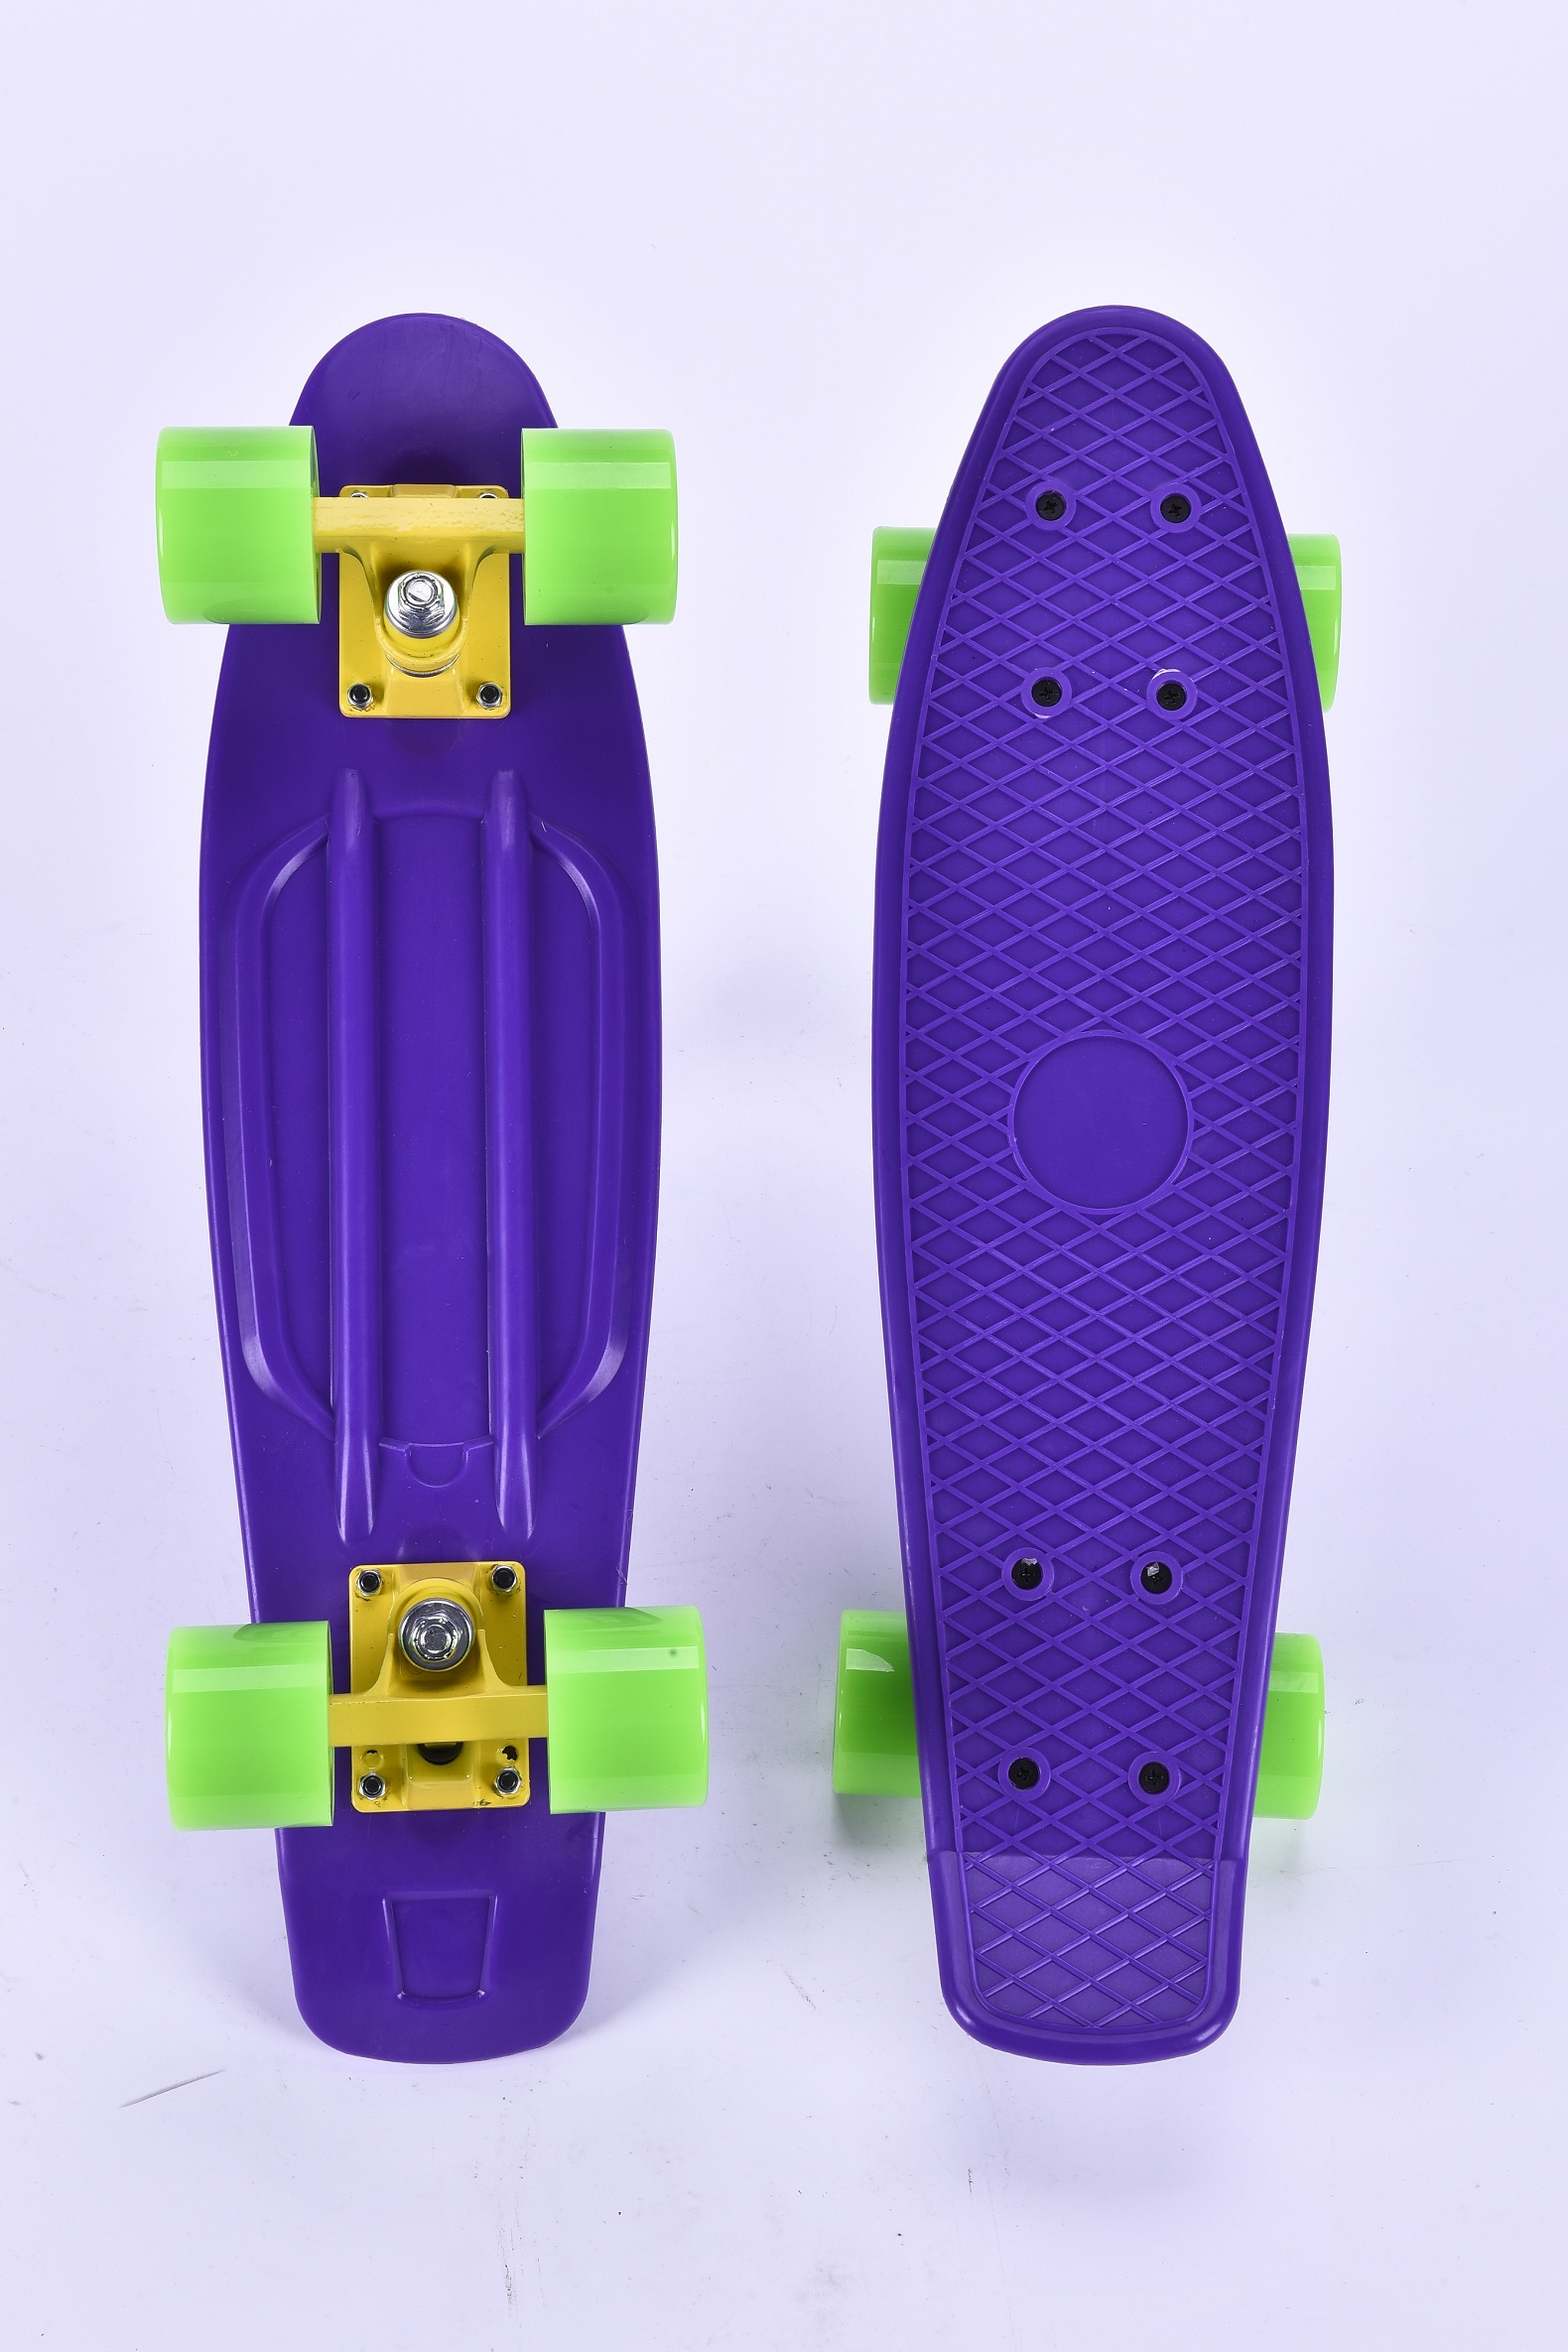 Пластиковый скейтборд купить, заказать, цена, интернет-магазин, в Новосибирске, Новосибирск